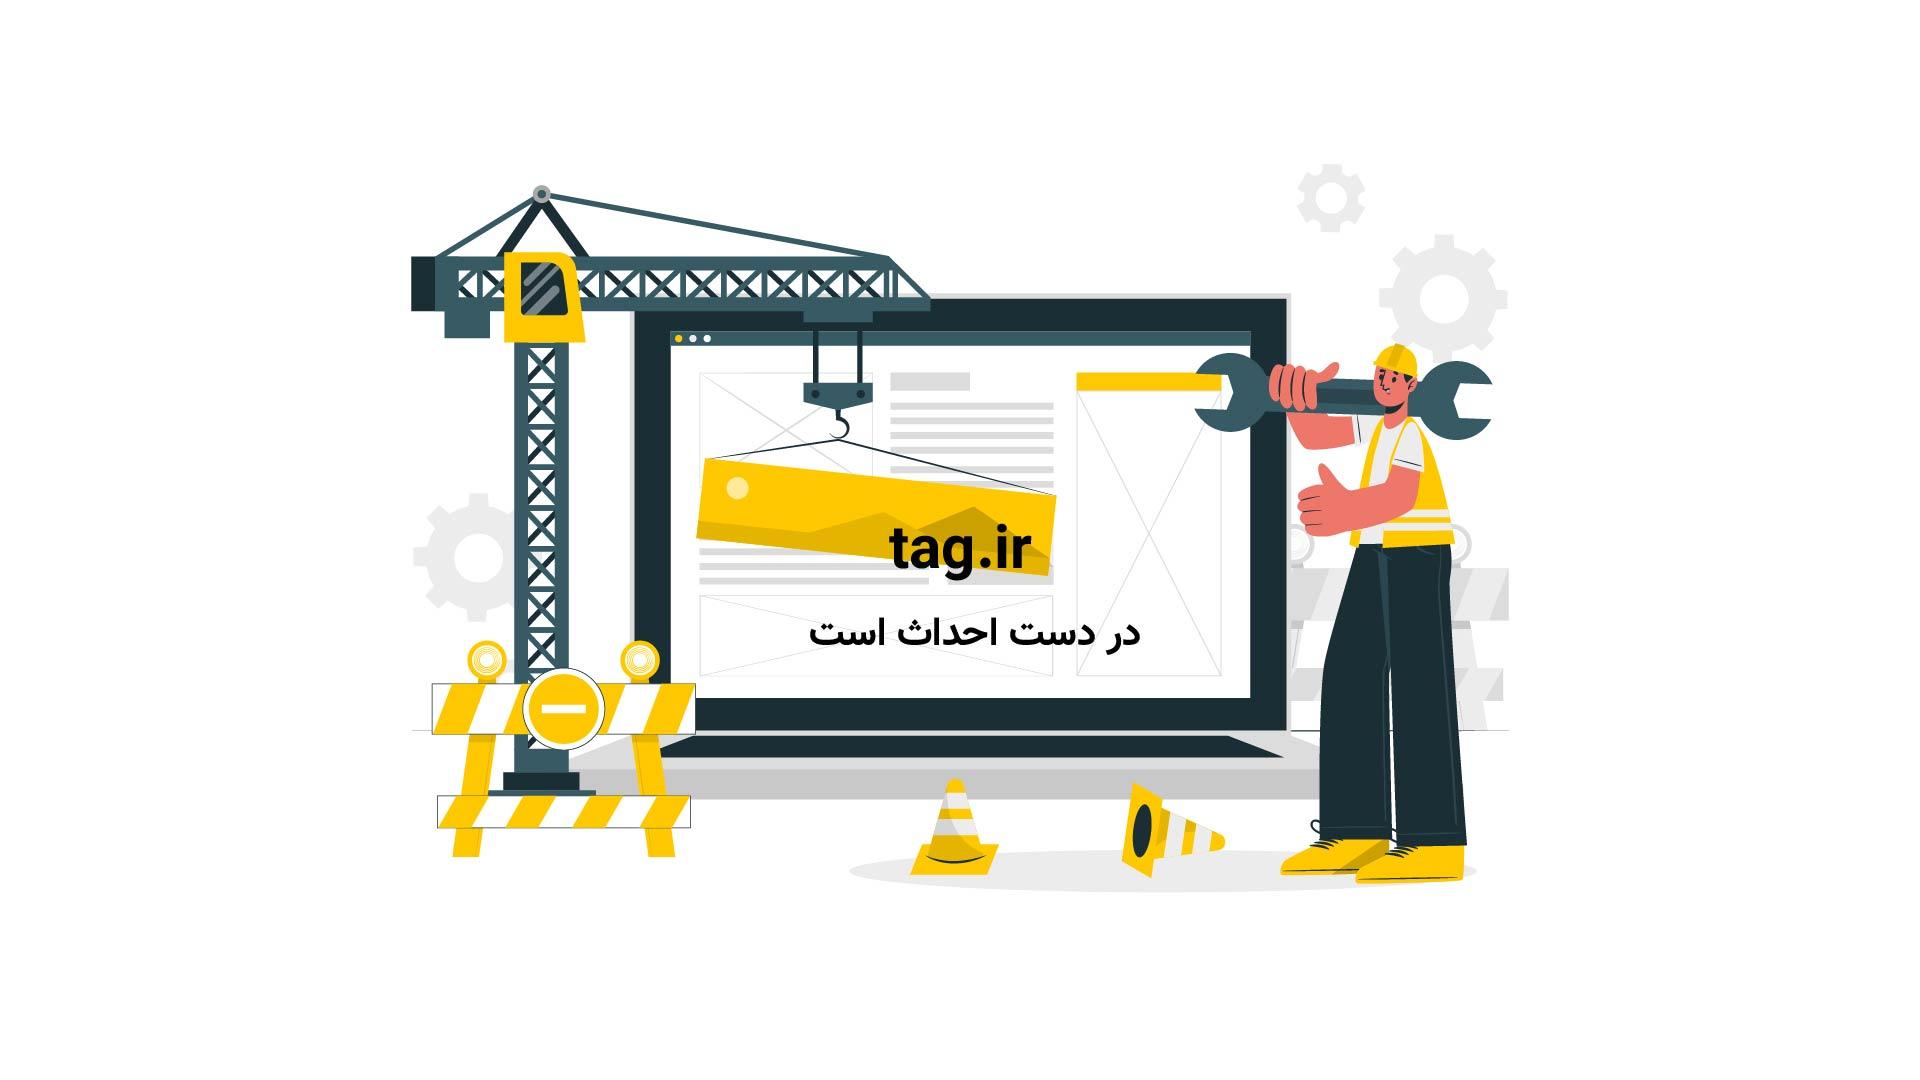 ادا بازی محمد شیری برای لنگ خیس ماشین   فیلم